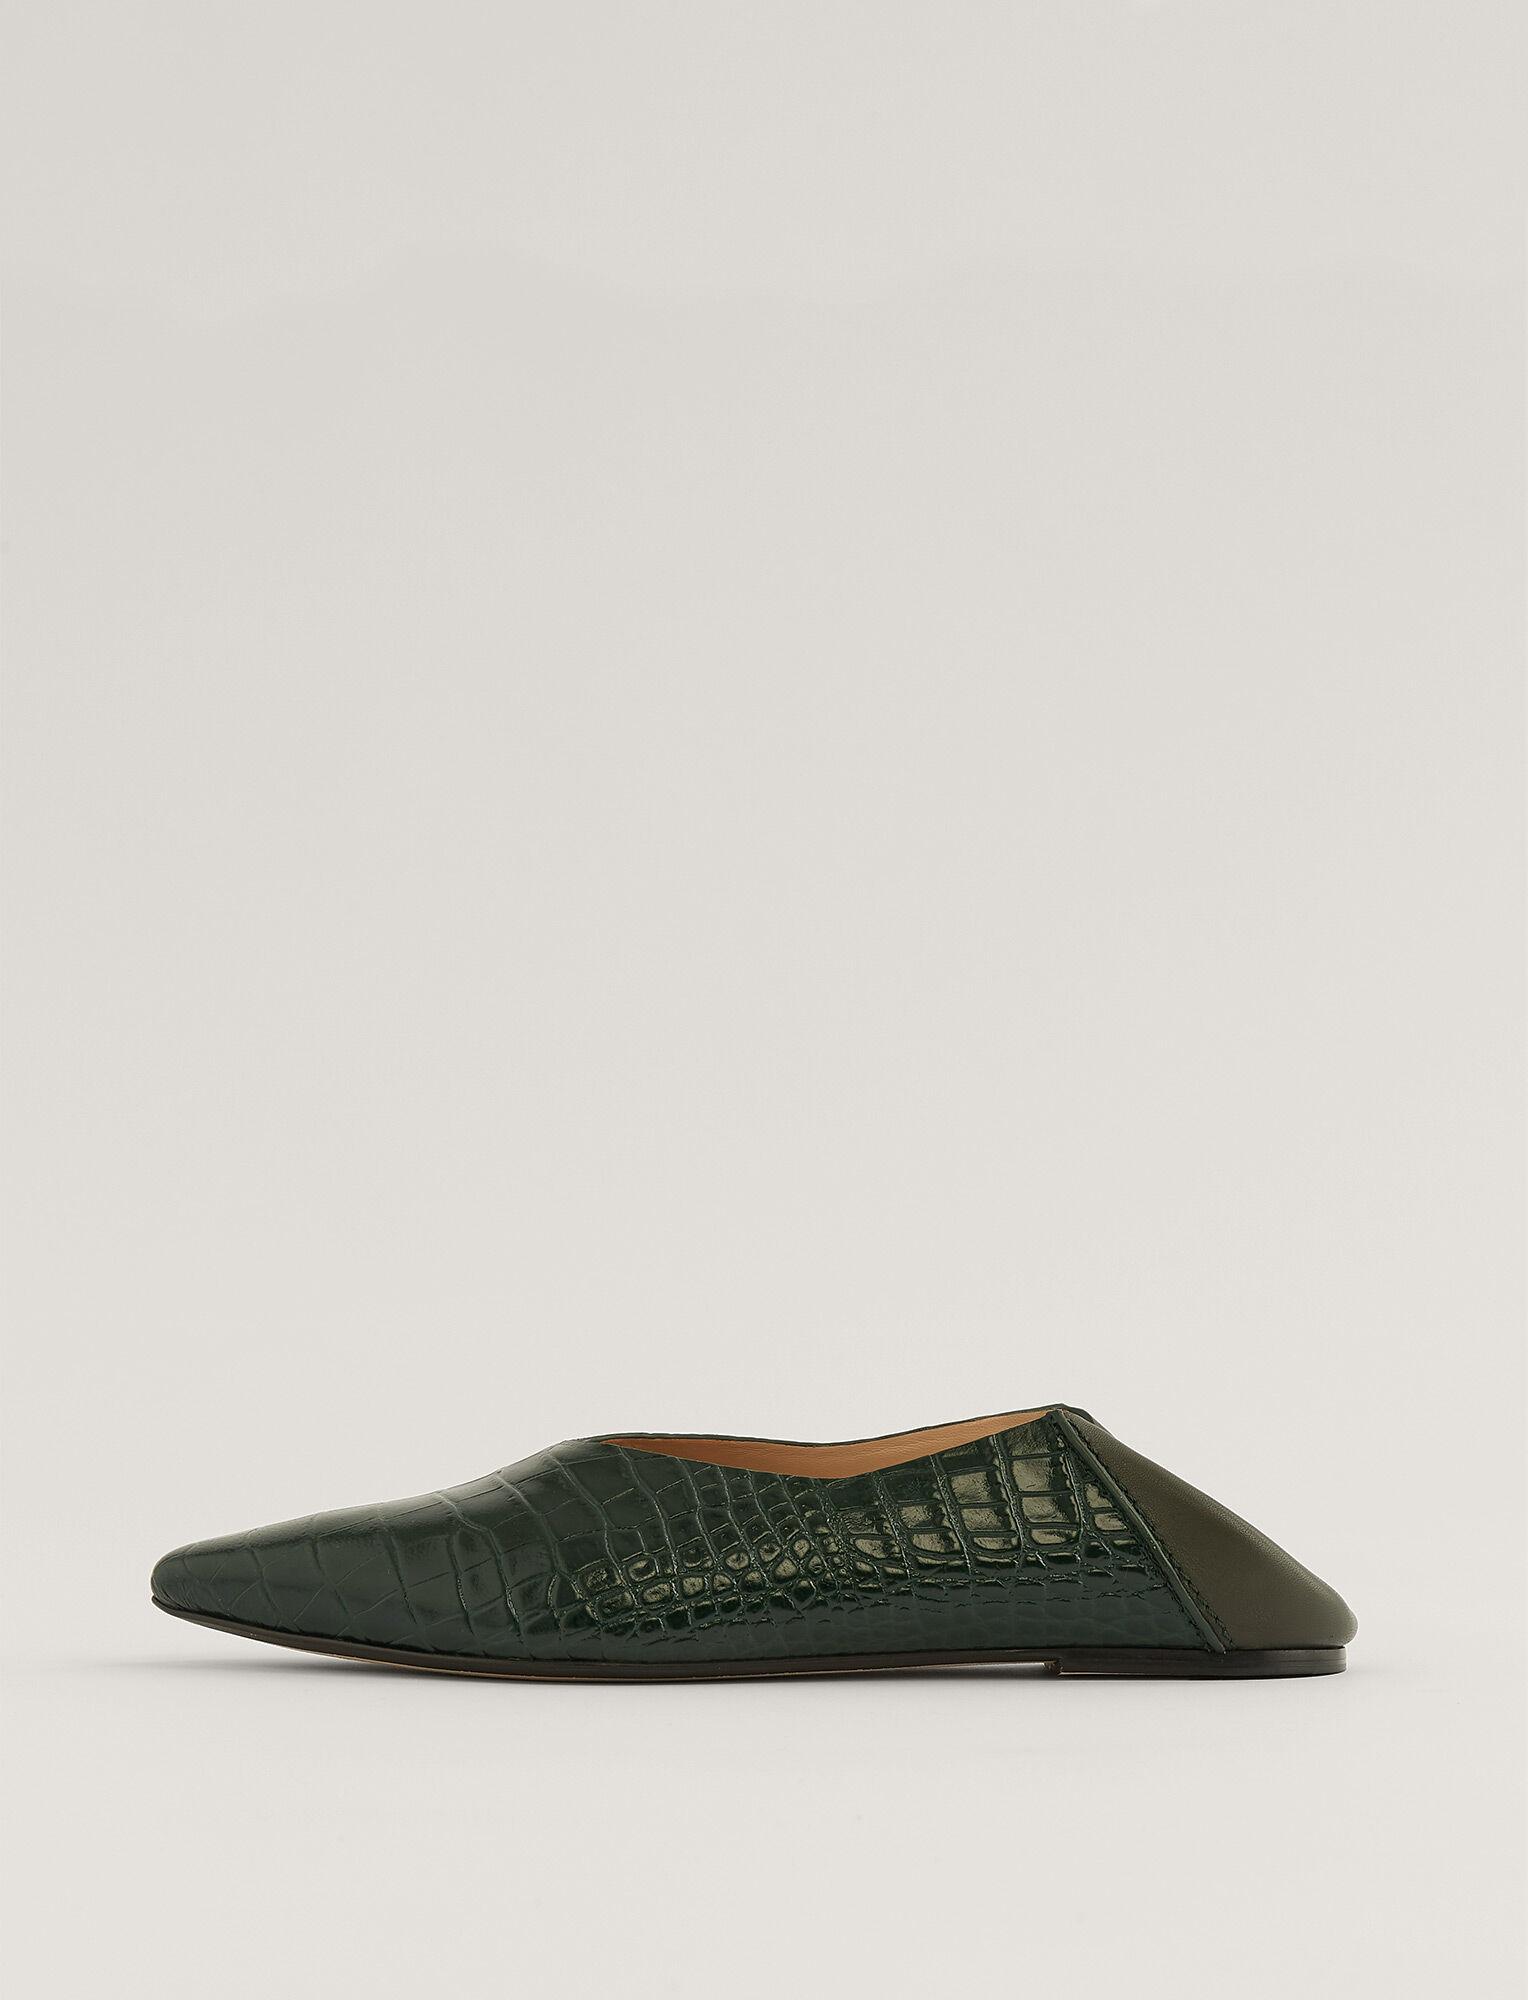 Women's Designer Shoes LuksusskoJOSEPH Luksussko JOSEPH